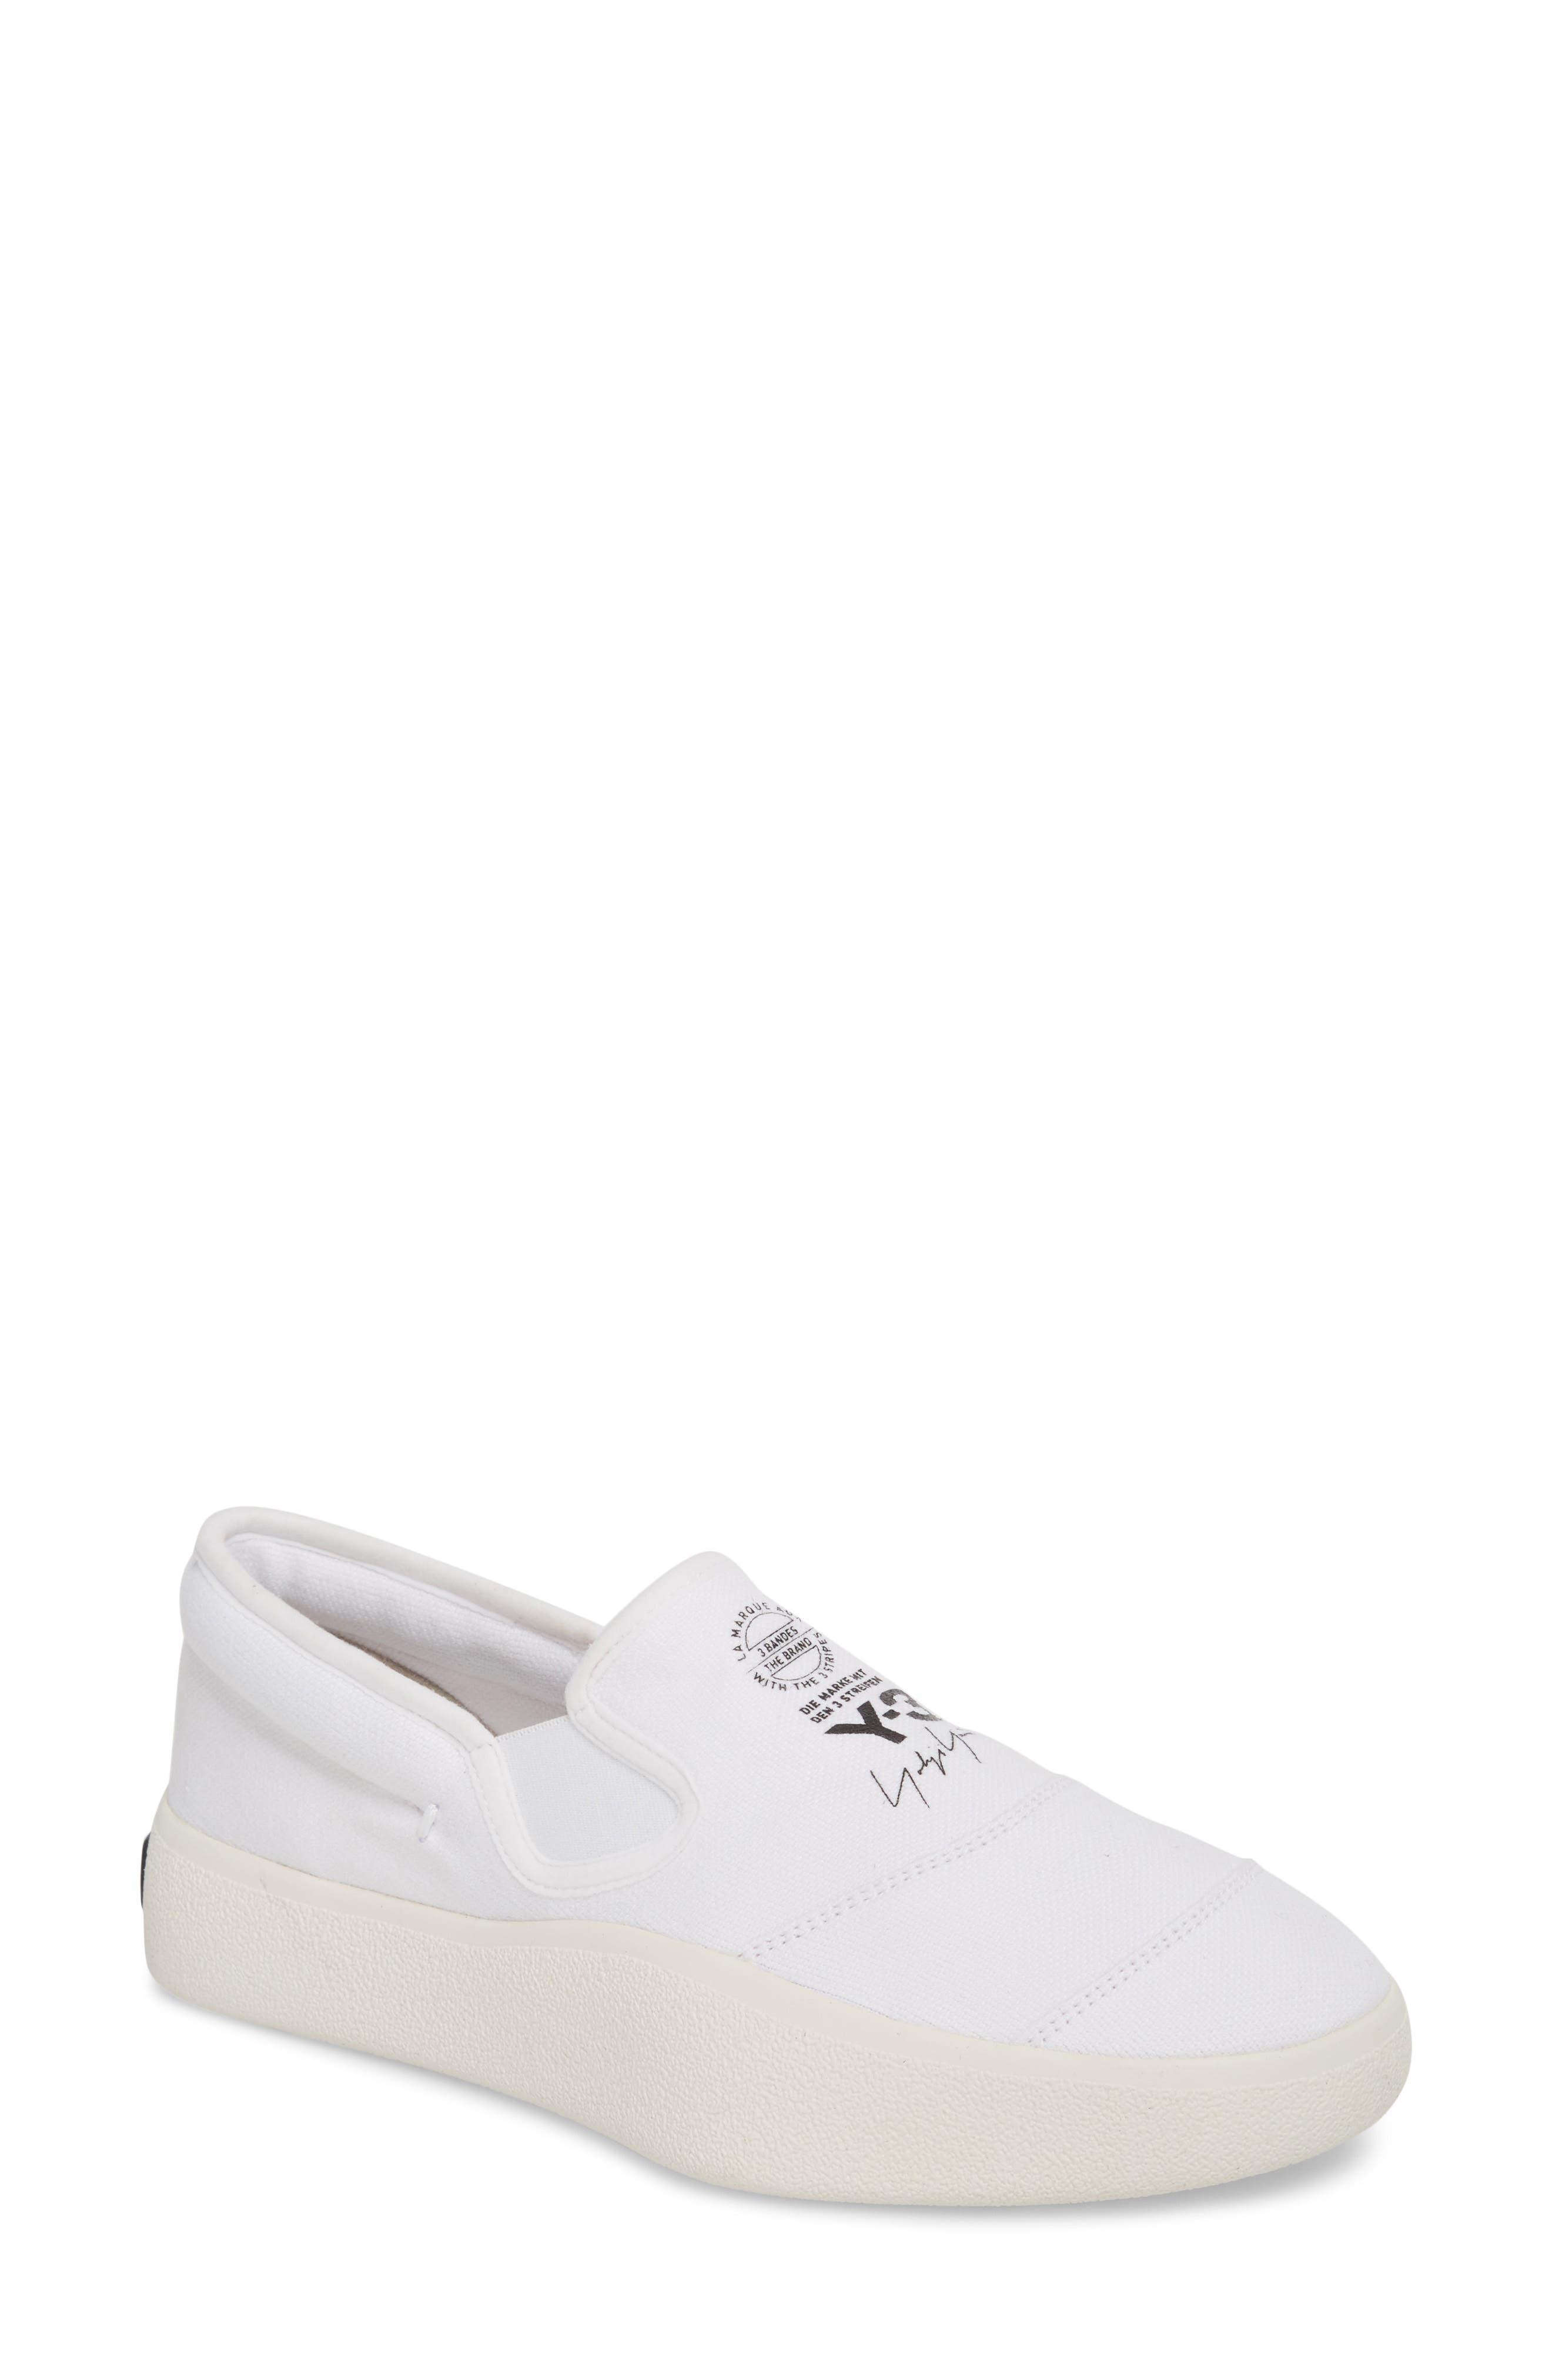 Tangutsu Slip-On Sneaker,                             Main thumbnail 1, color,                             White / Black / Core White